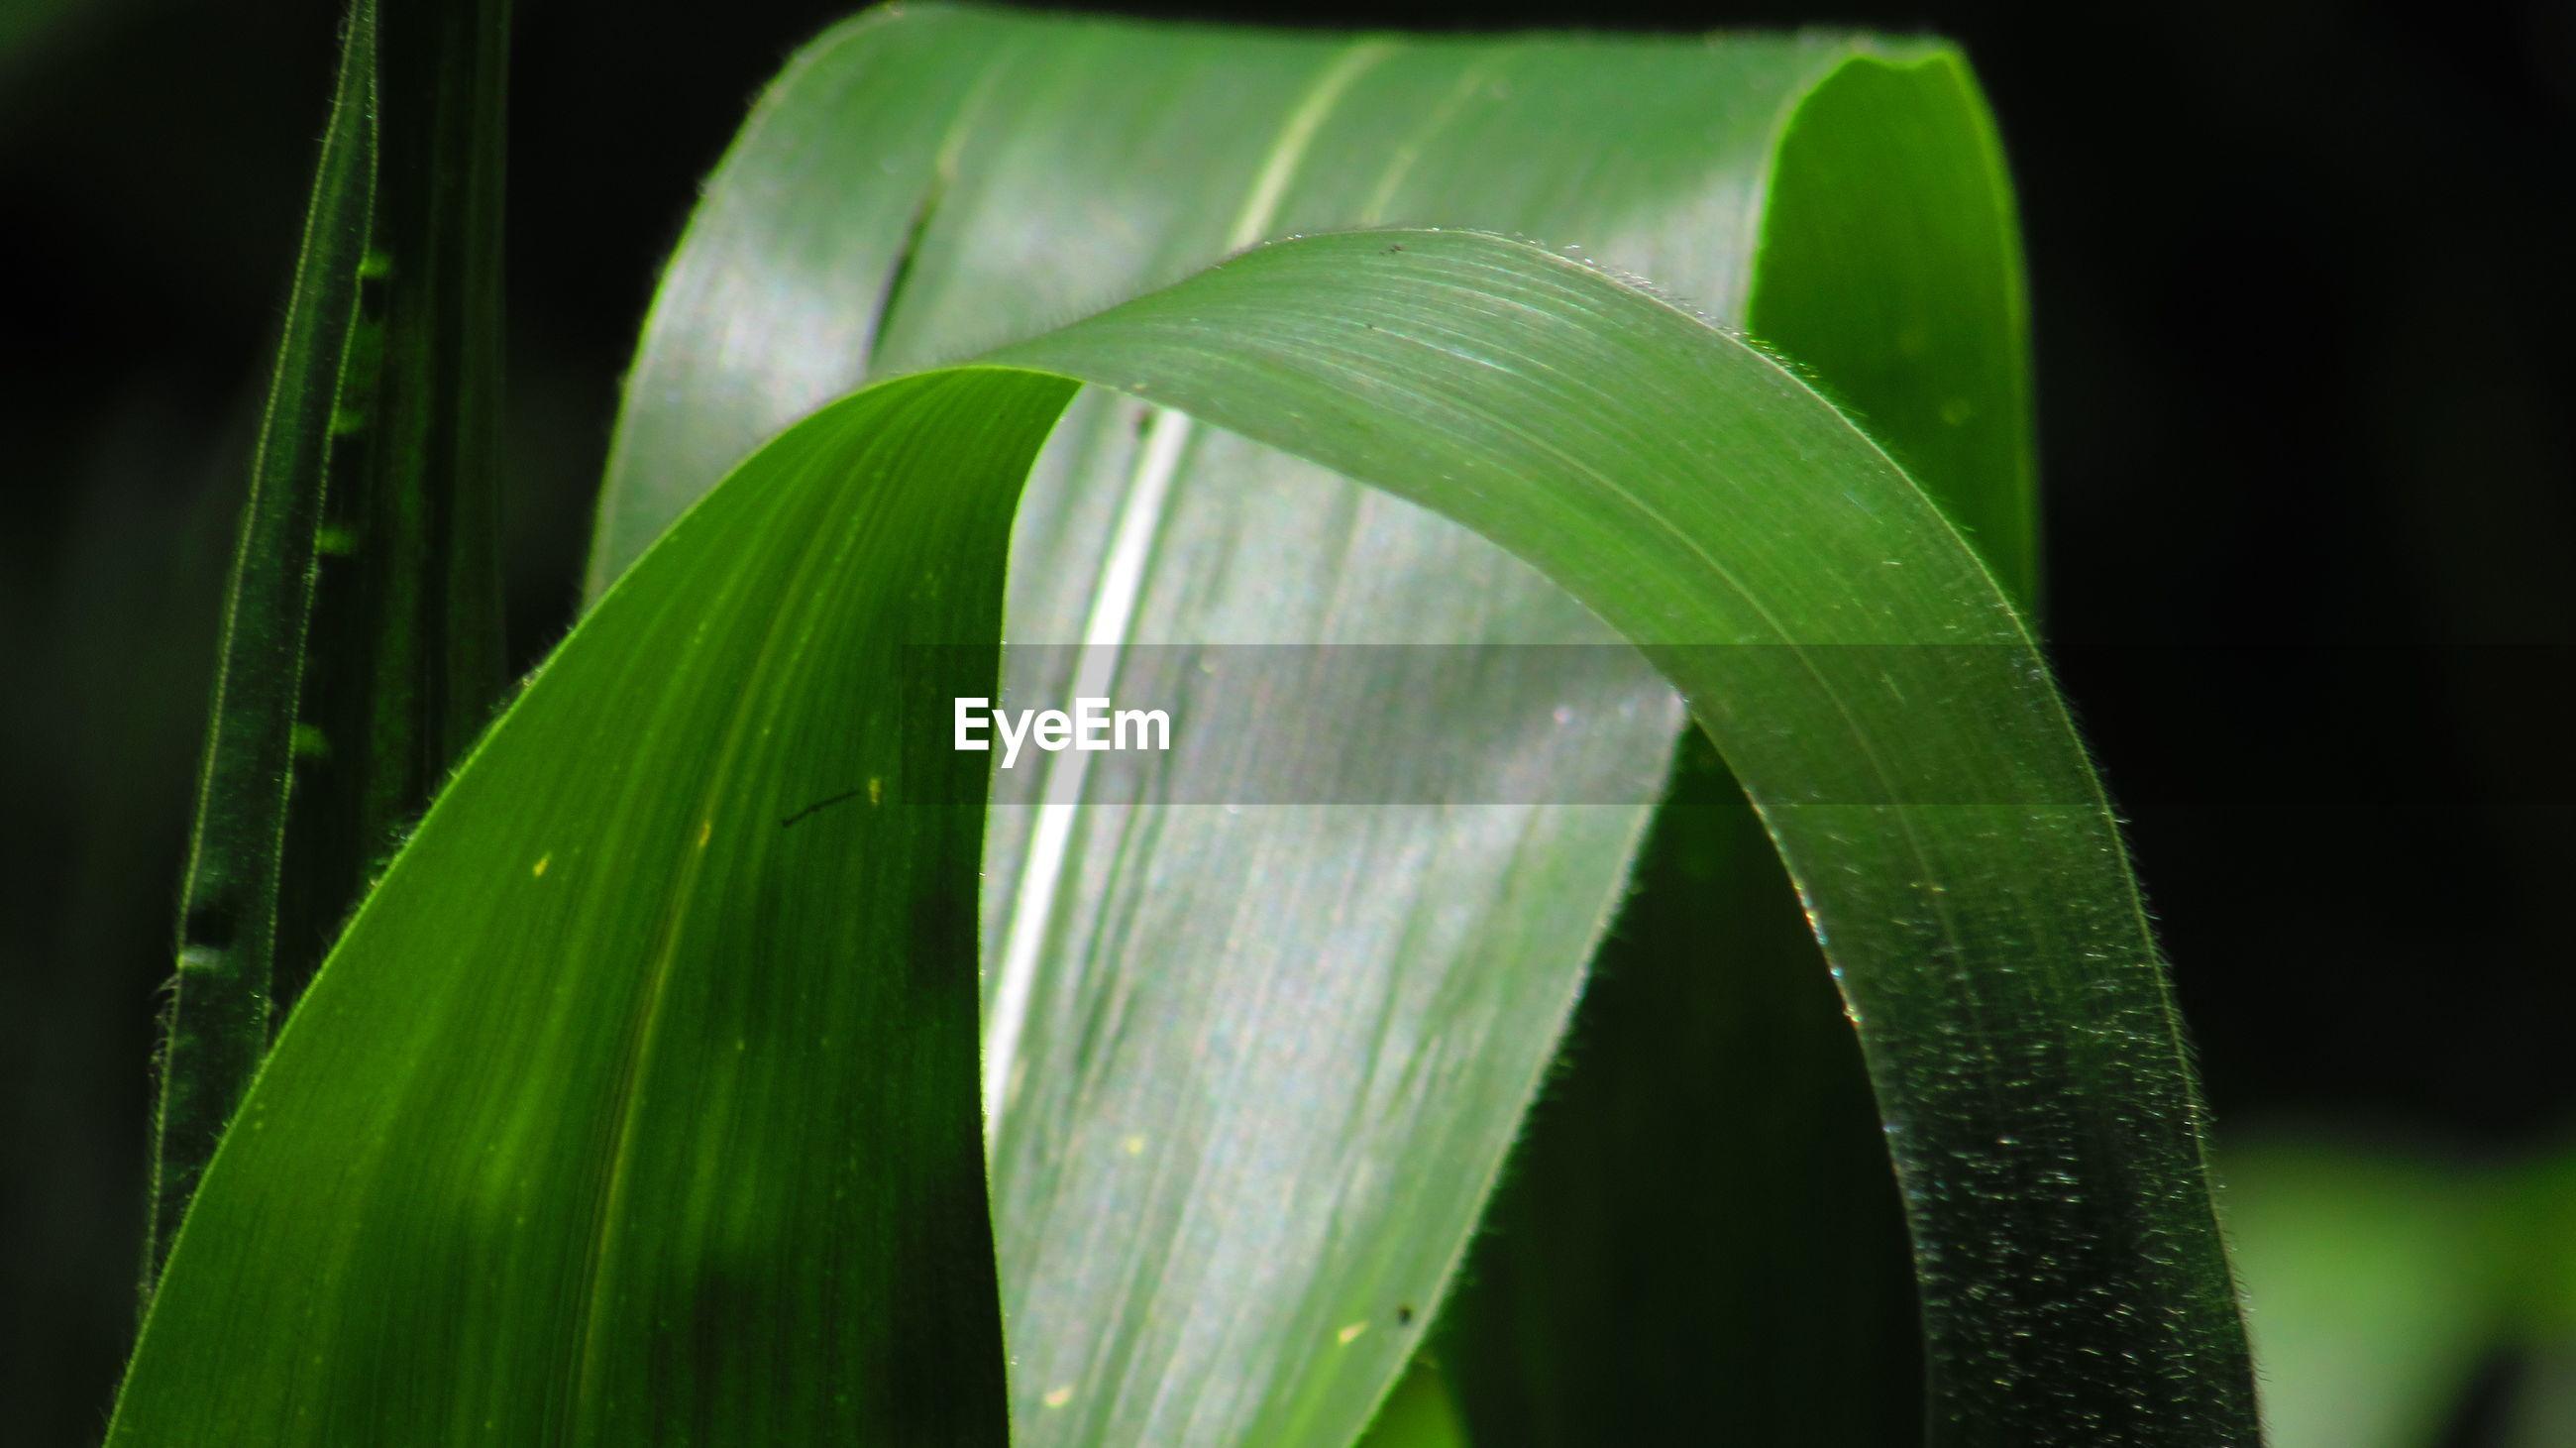 Close-up of grass blades